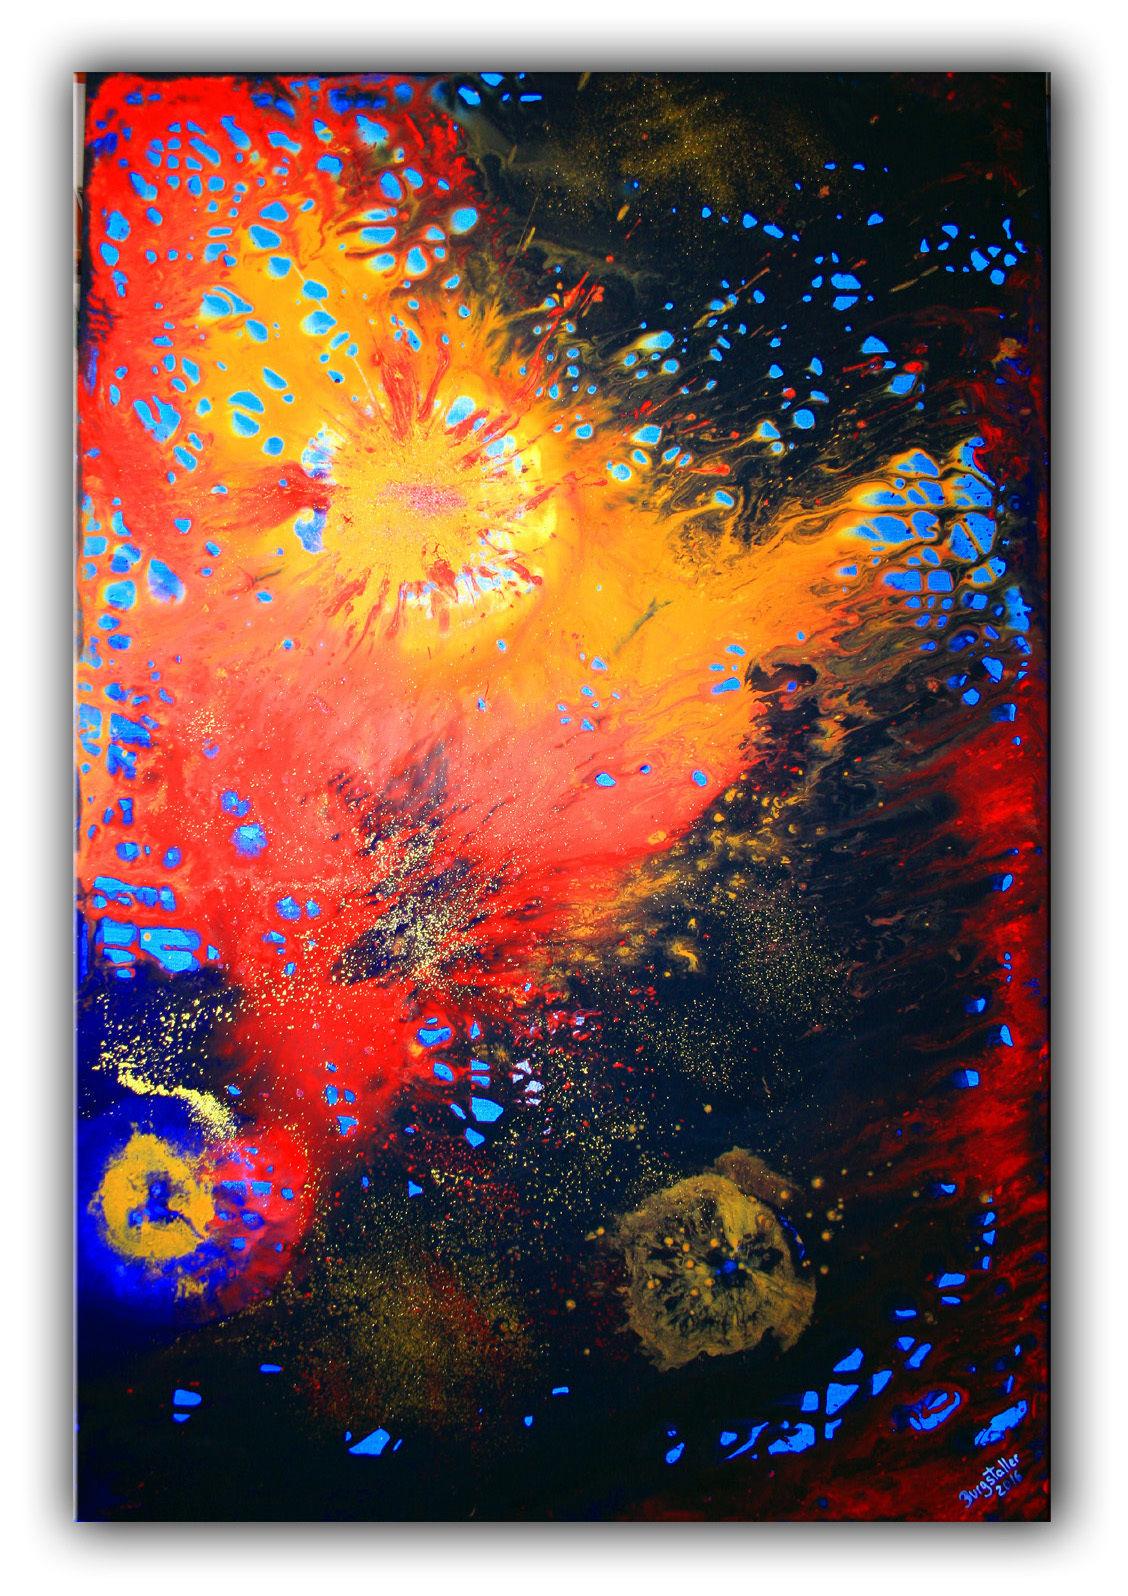 bild abstrakte malerei bilder abstrakt abstraktes gem lde acrylmalerei von alex b bei kunstnet. Black Bedroom Furniture Sets. Home Design Ideas